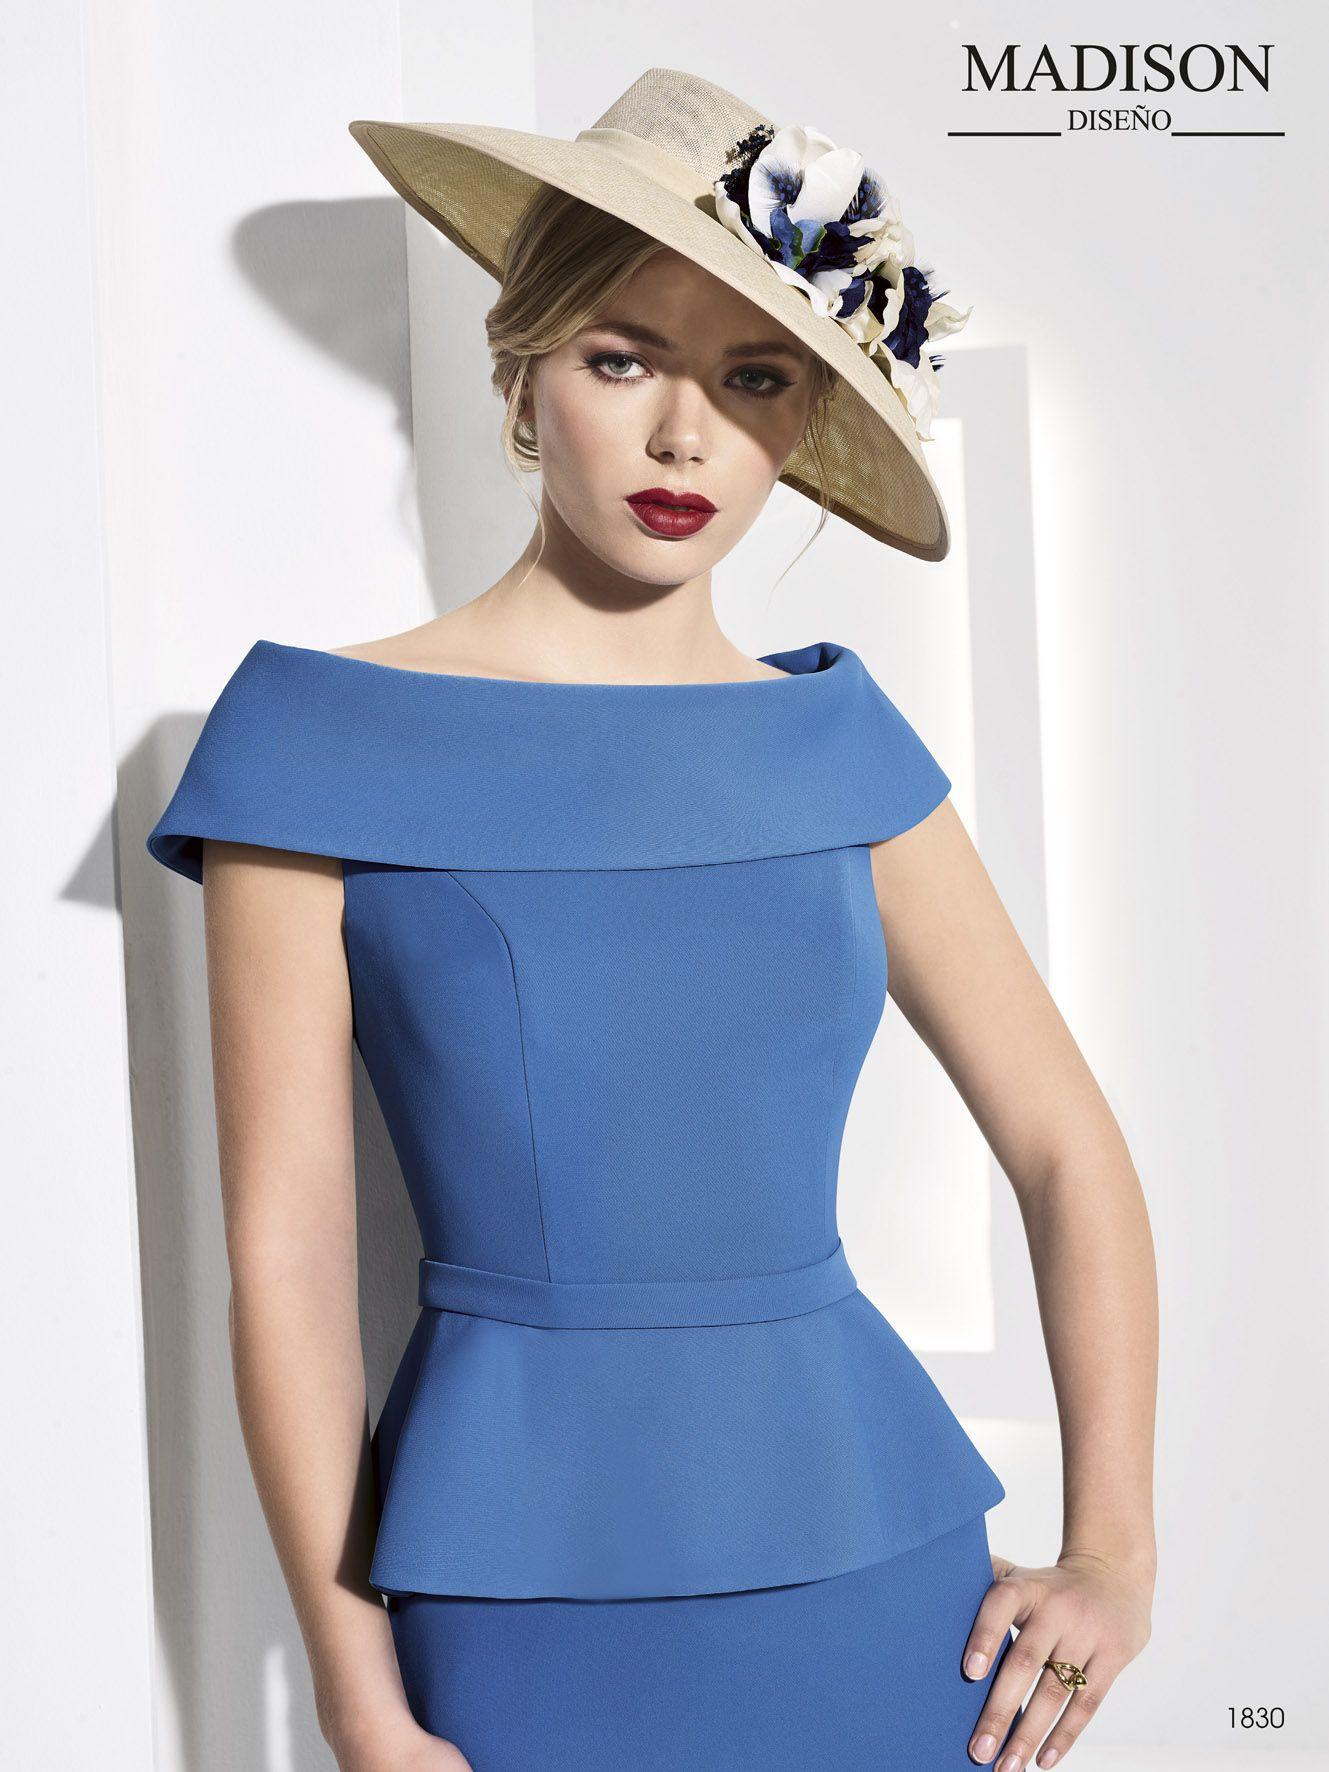 Vestido de fiesta elegante de Madison Diseño Colección 2018 #vestido ...